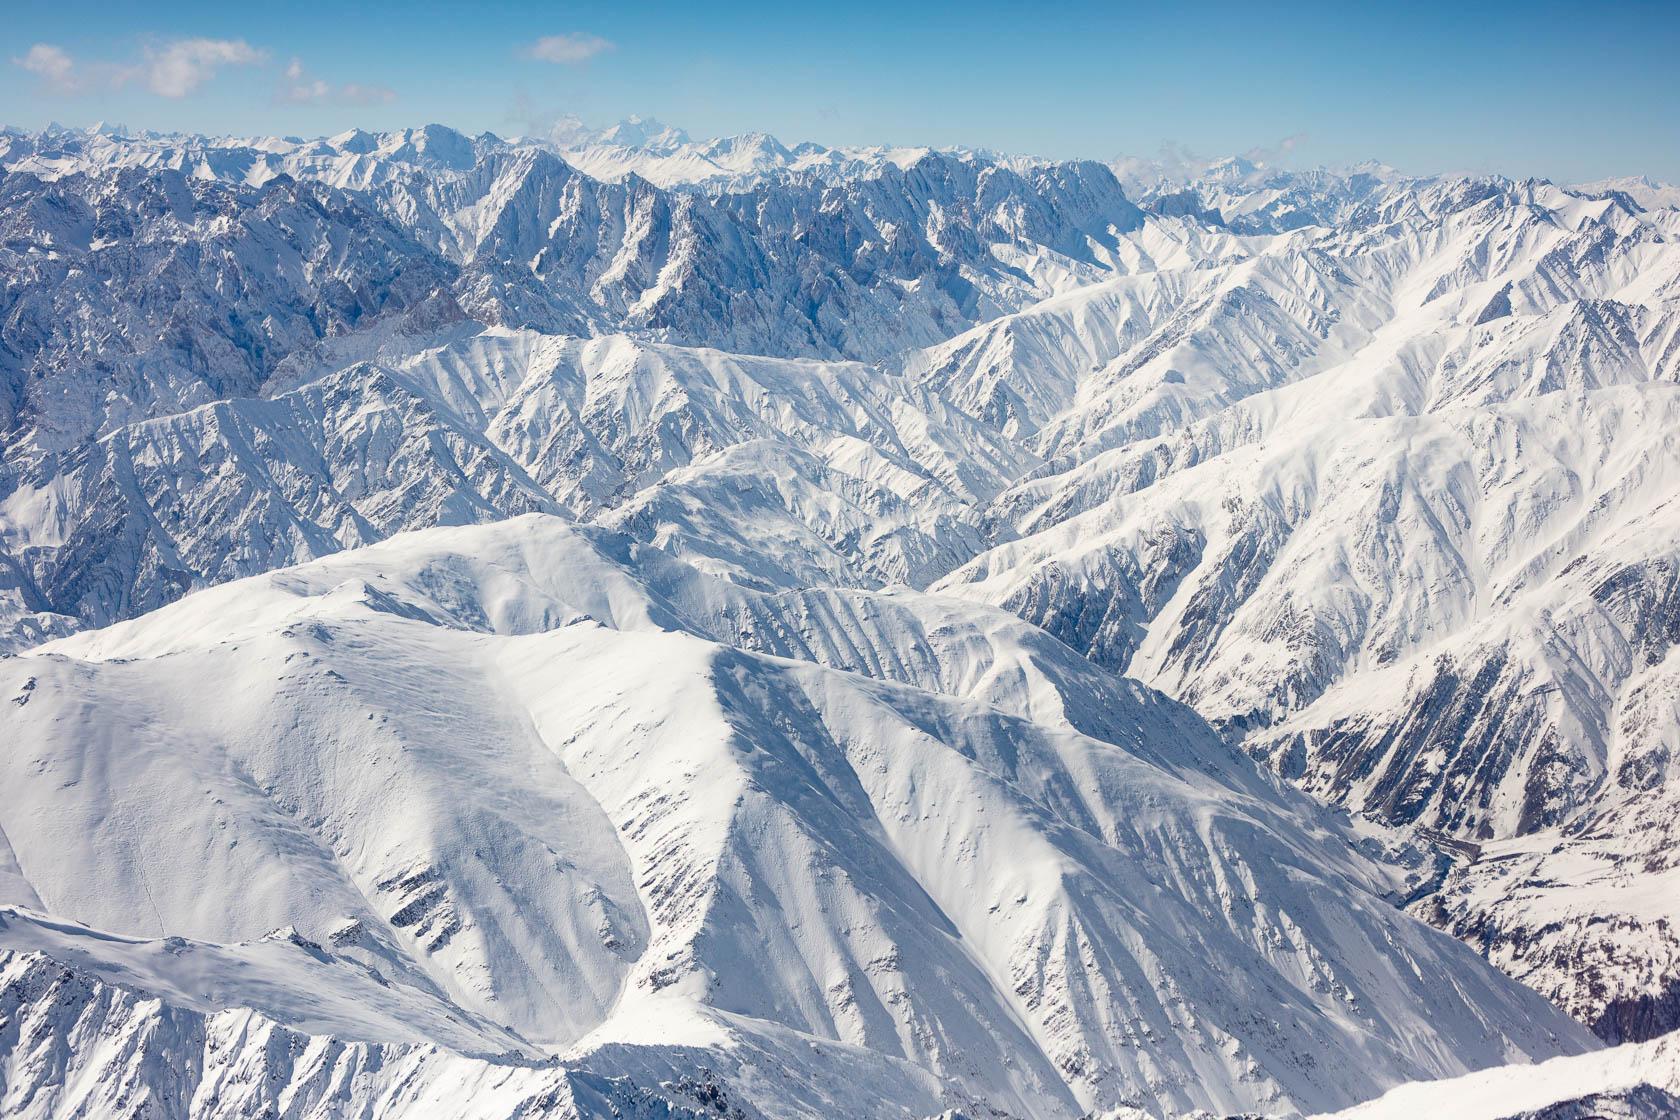 Montagnes du Ladakh et du Zanskar vue d'avion, avec le Nun et le Kun , en Inde